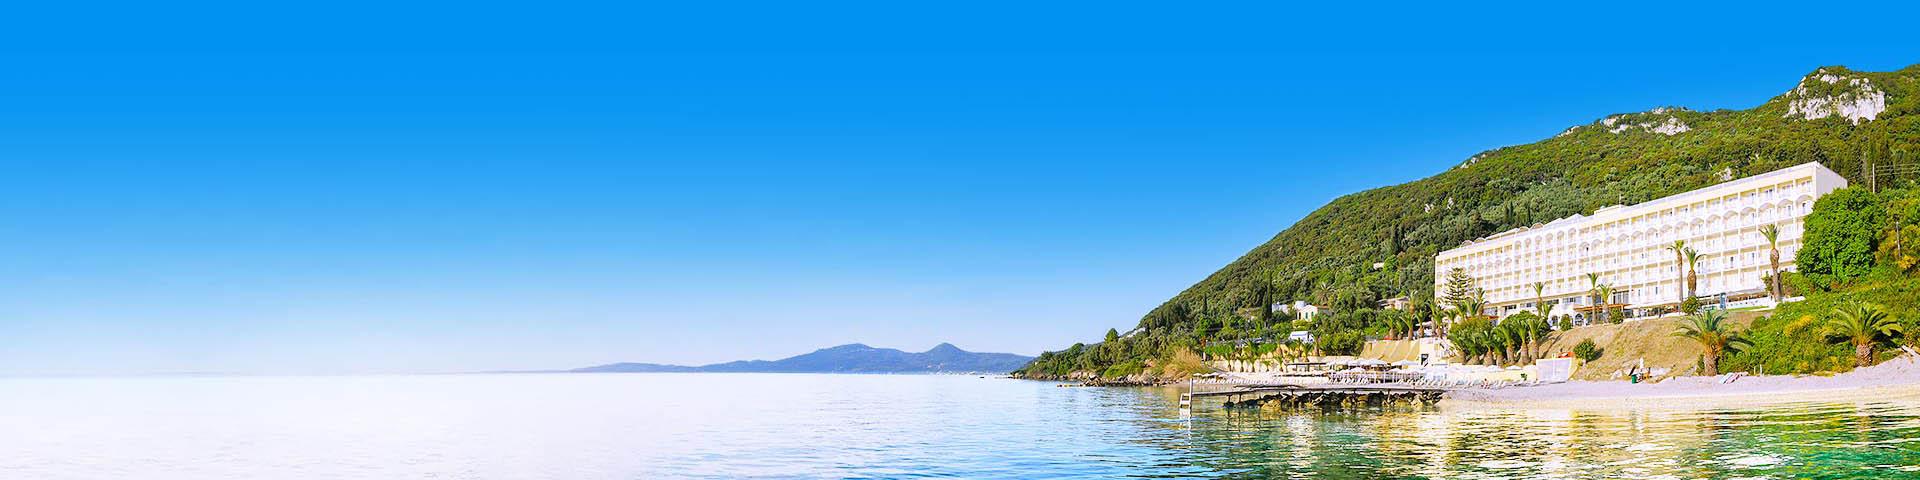 Primasol keten aan zee met groene bergen op de achtergrond